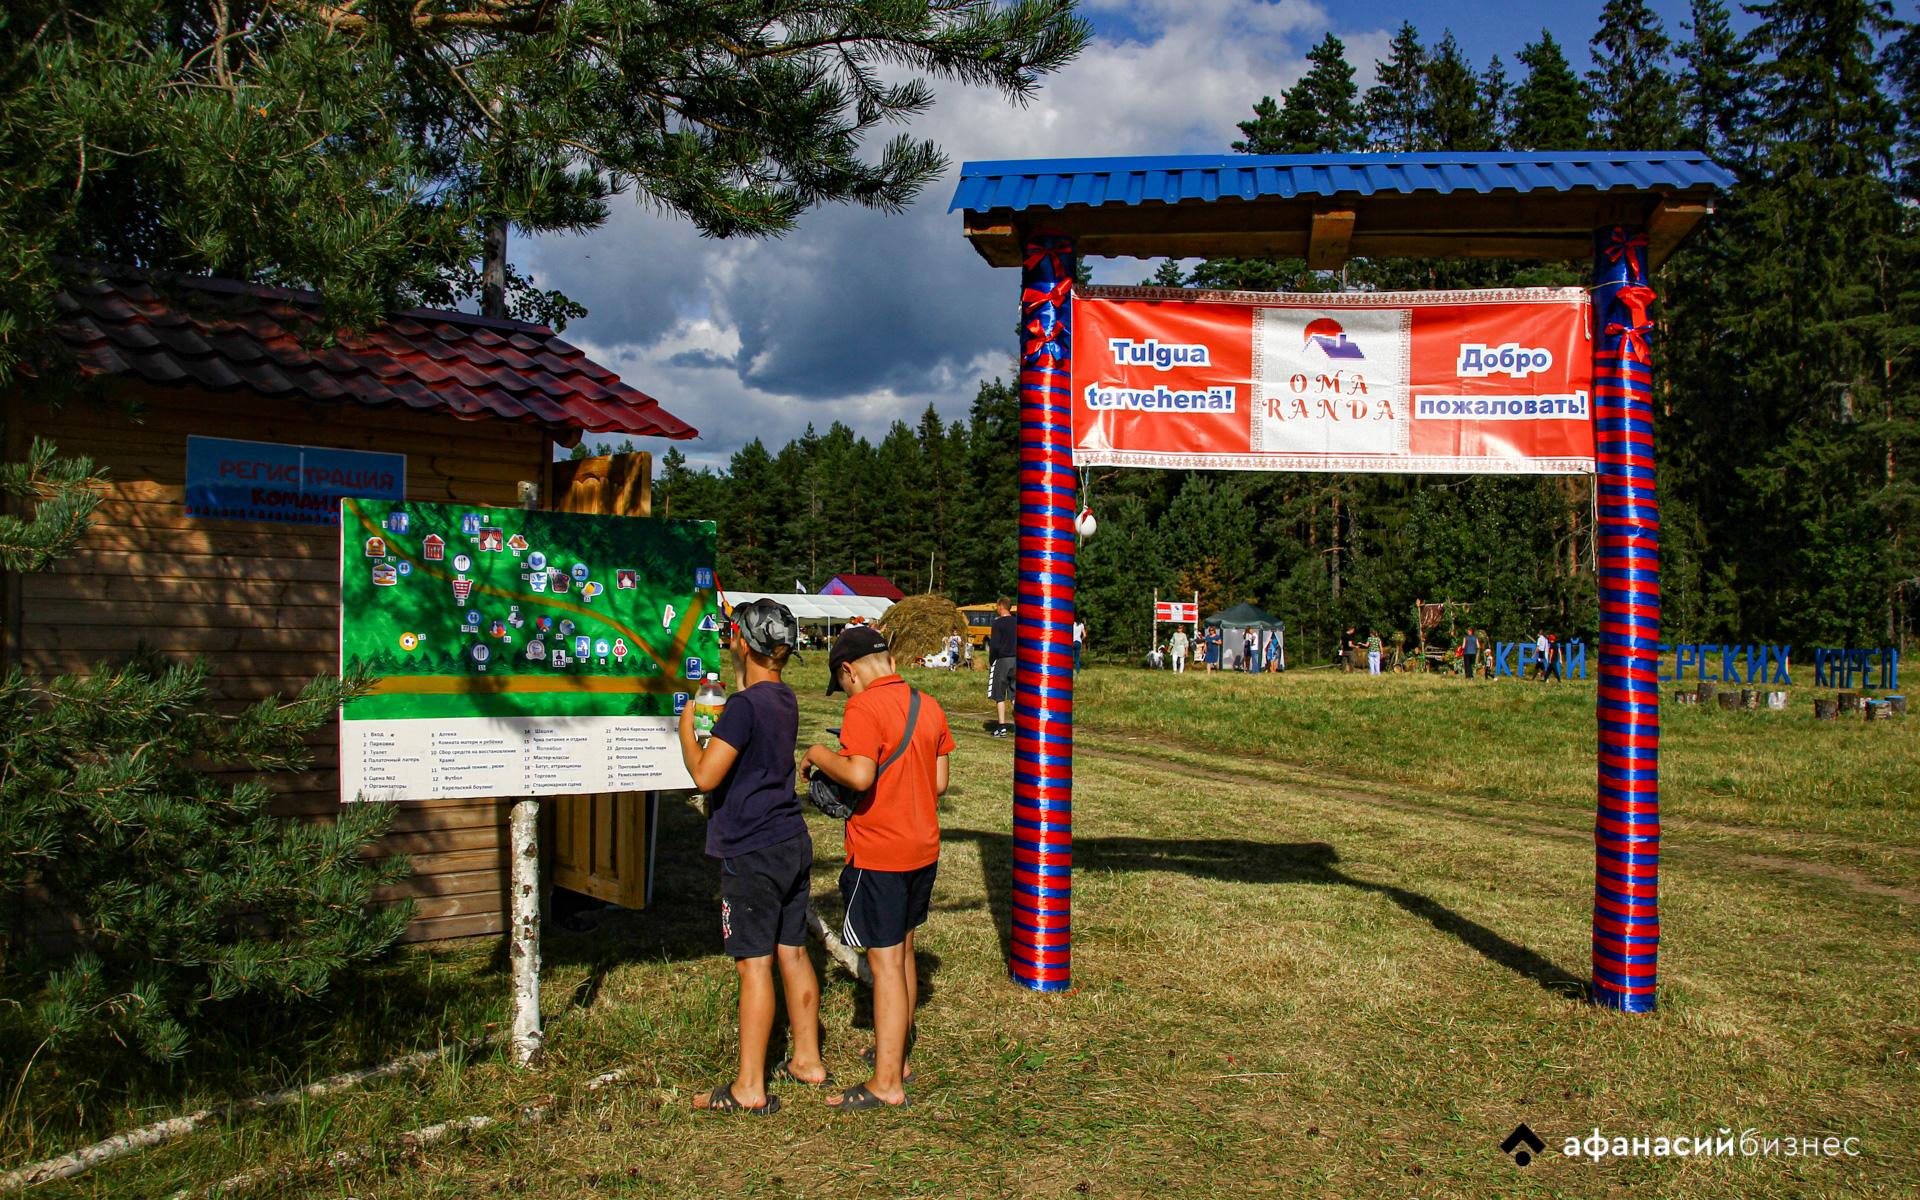 В Тверской области вновь пройдёт фестиваль карельской культуры «Oma Randa» - новости Афанасий